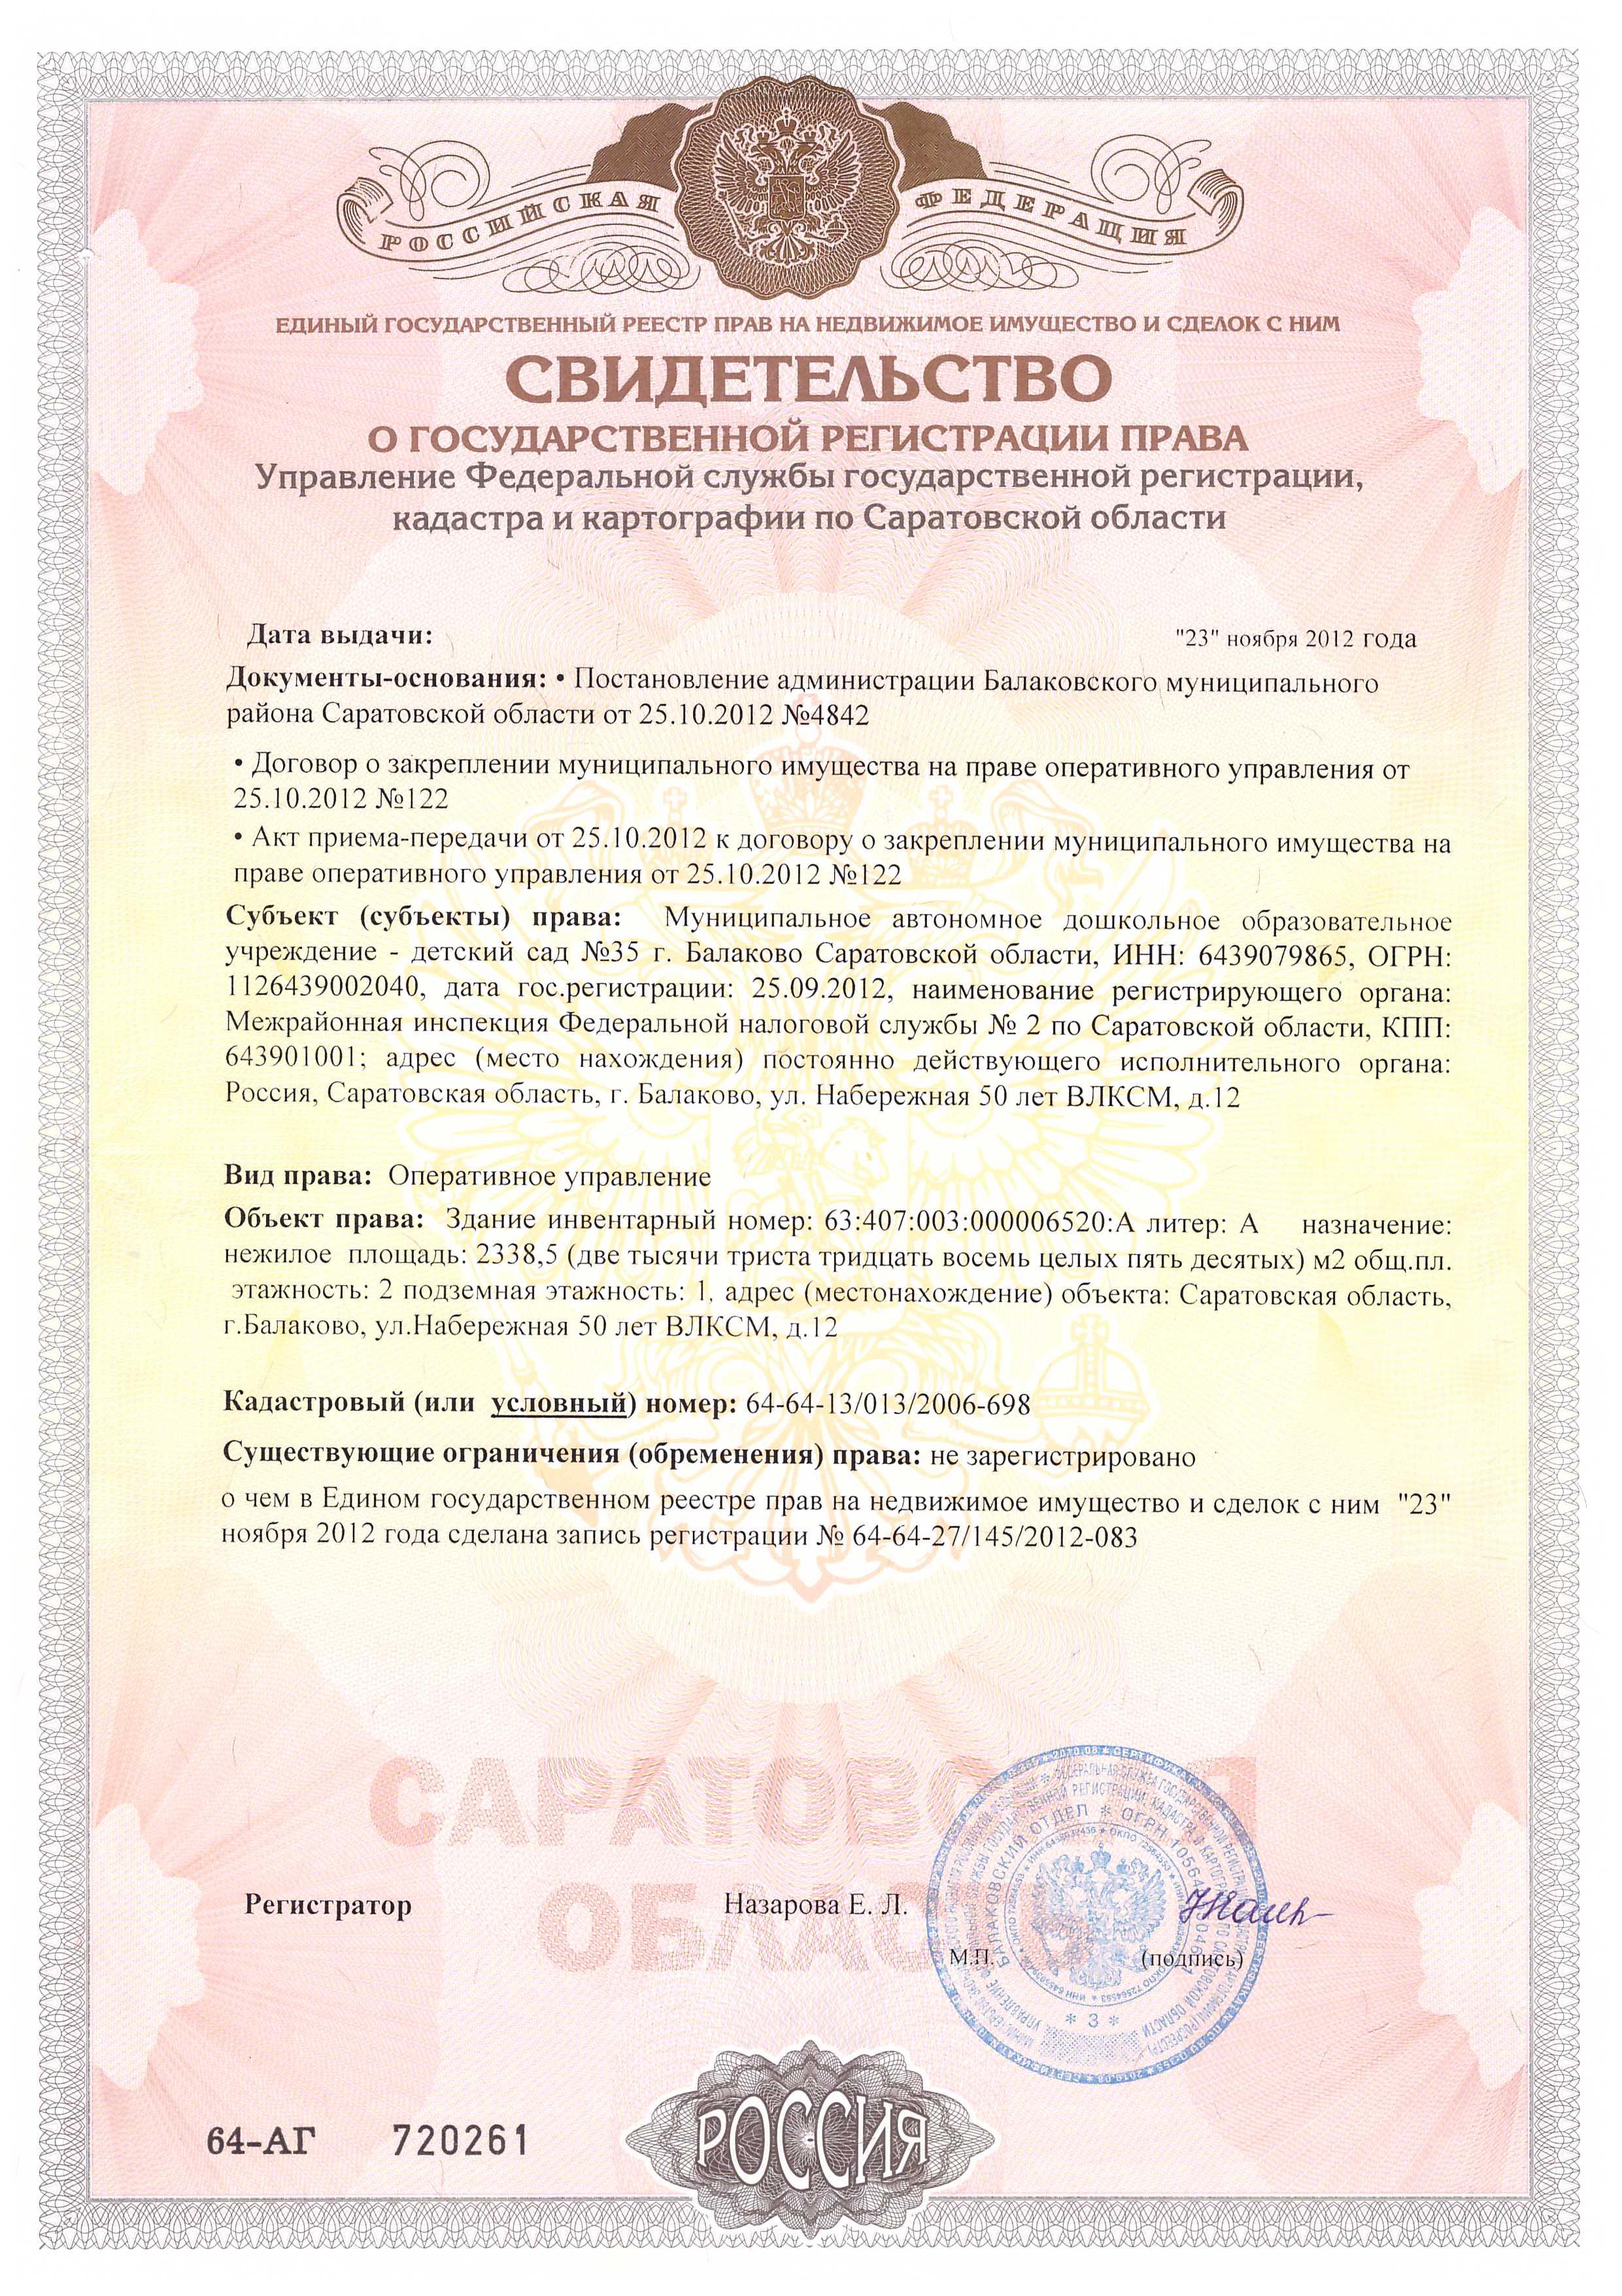 управление регистрации права собственности на недвижимое имущество сам